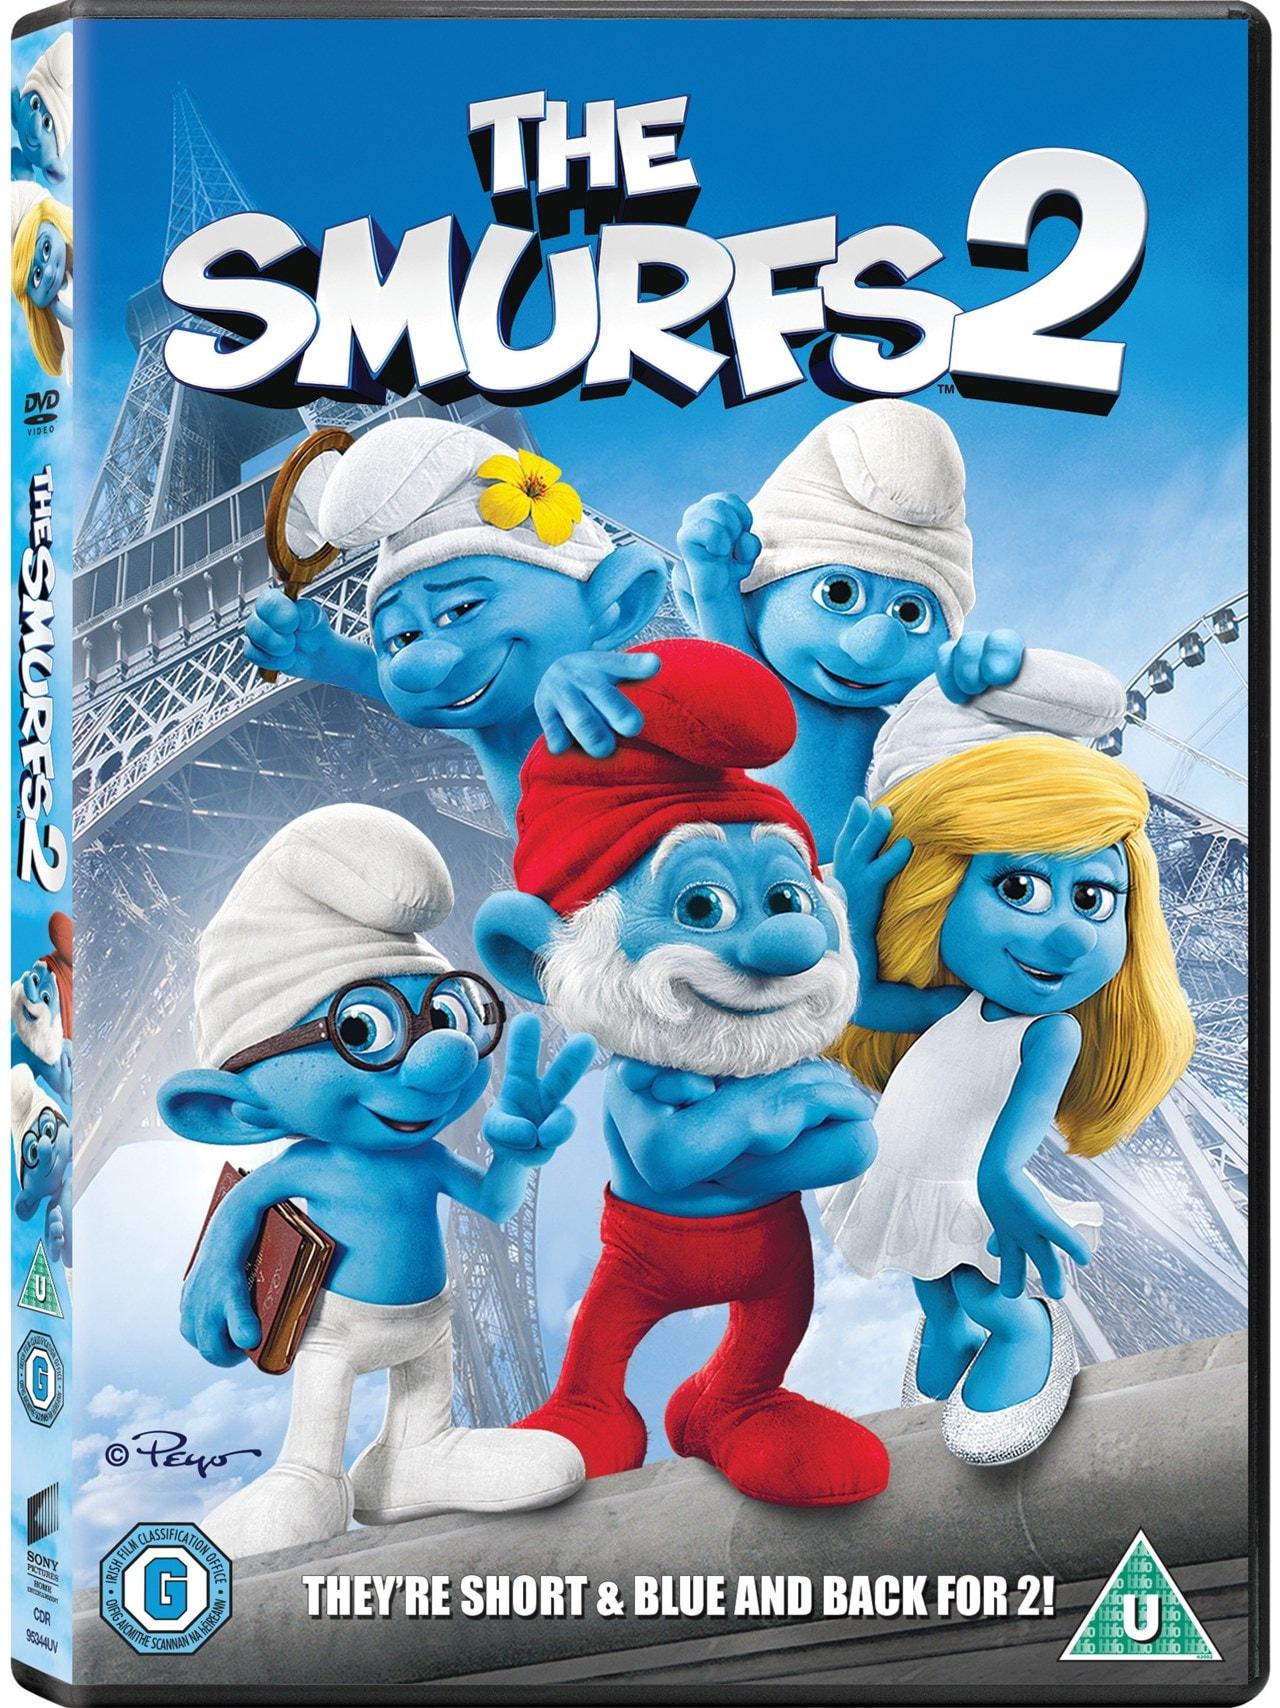 The Smurfs 2 - 2